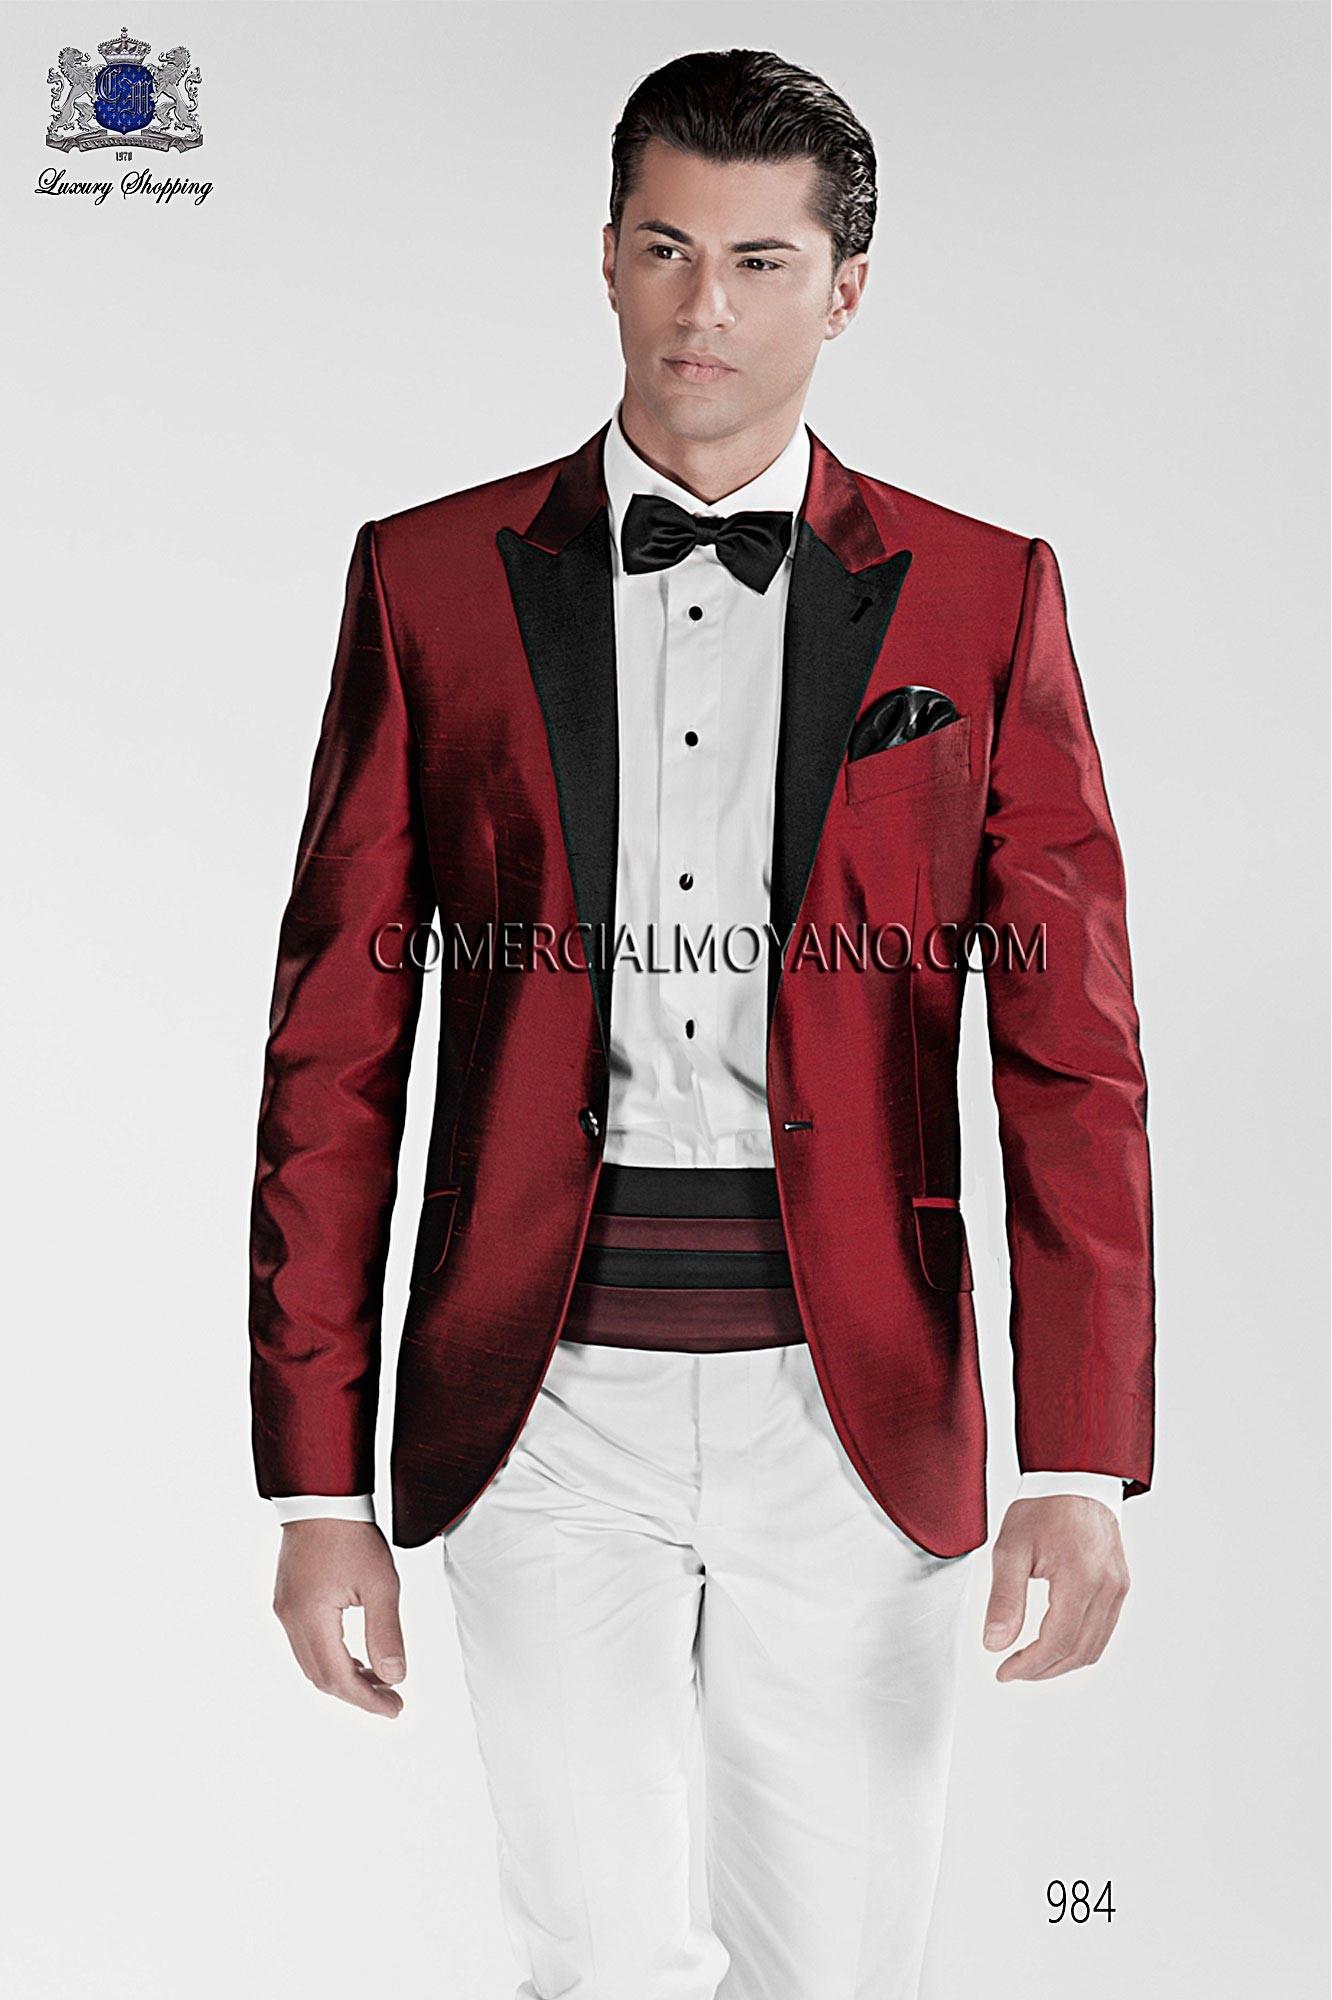 Traje BlackTie de novio rojo modelo: 984 Ottavio Nuccio Gala colección Black Tie